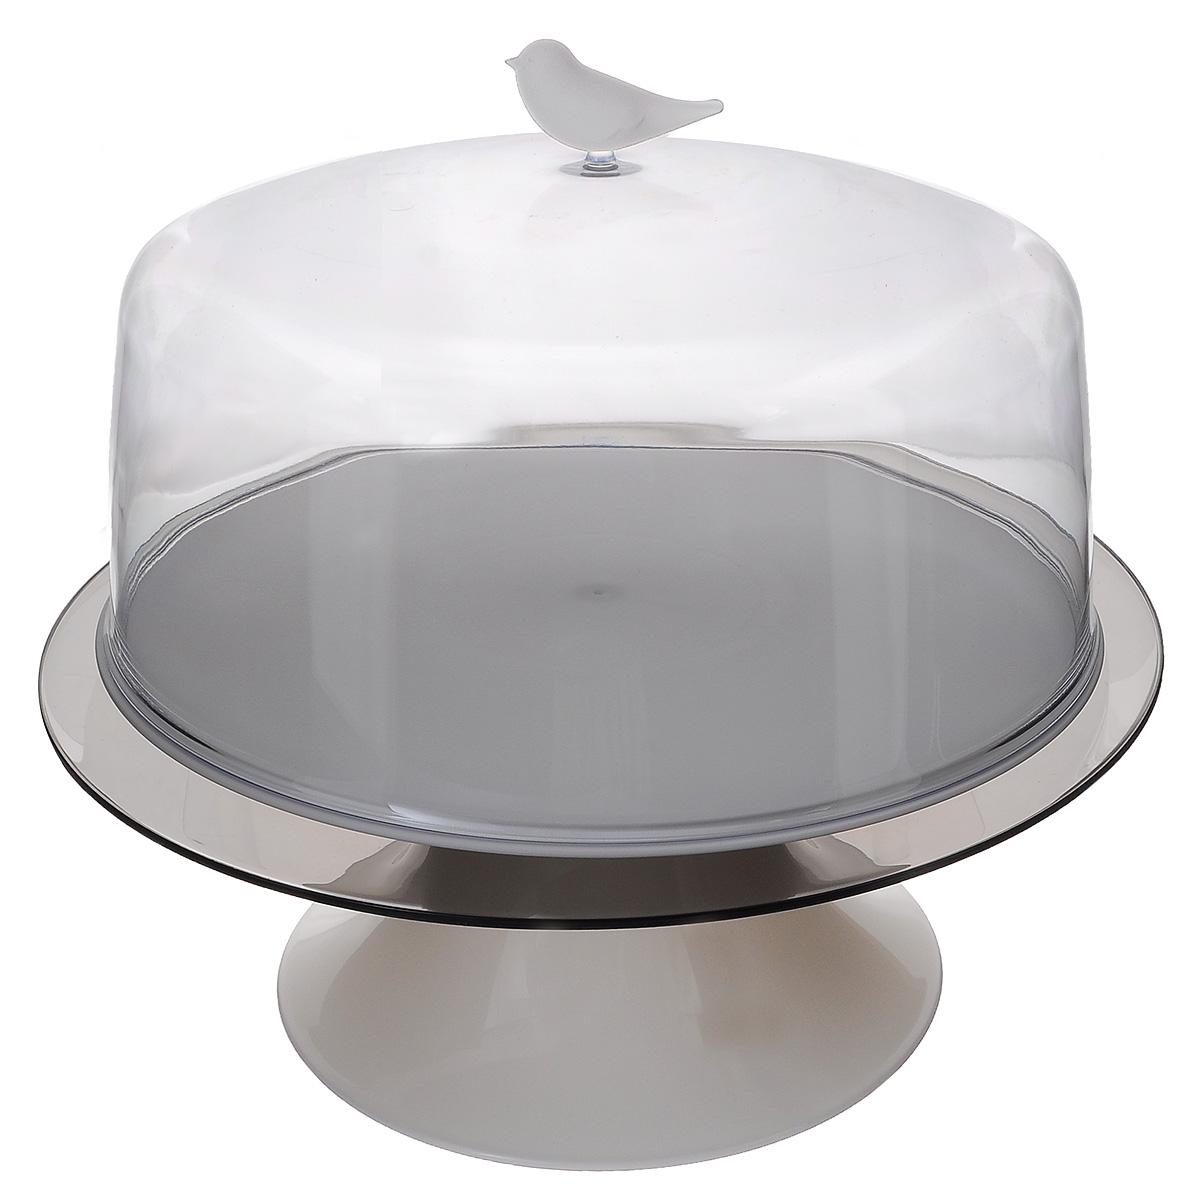 Тортовница Qualy Sparrow, диаметр 28,5 см115510Красивая тортовница Qualy Sparrow, изготовленная из высококачественного ABS пластика, решает проблему подачи тортиков и самодельных пирогов. Плюс ко всему, она идеальна для хранения: вкусности внутри не заветрятся, на них случайно не попадет грязь, а домашние животные не стащат ни кусочка. Можно использовать для блинов, пирожных, нарезанных фруктов, тарталеток и других десертов. Изделие состоит из двух подносов (верхнего и нижнего), подставки и крышки, декорированной фигуркой птички.Диаметр верхнего подноса: 28,5 см. Диаметр нижнего подноса: 33,5 см. Высота подставки: 13 см. Диаметр крышки: 29,5 см. Высота крышки: 16,5 см.